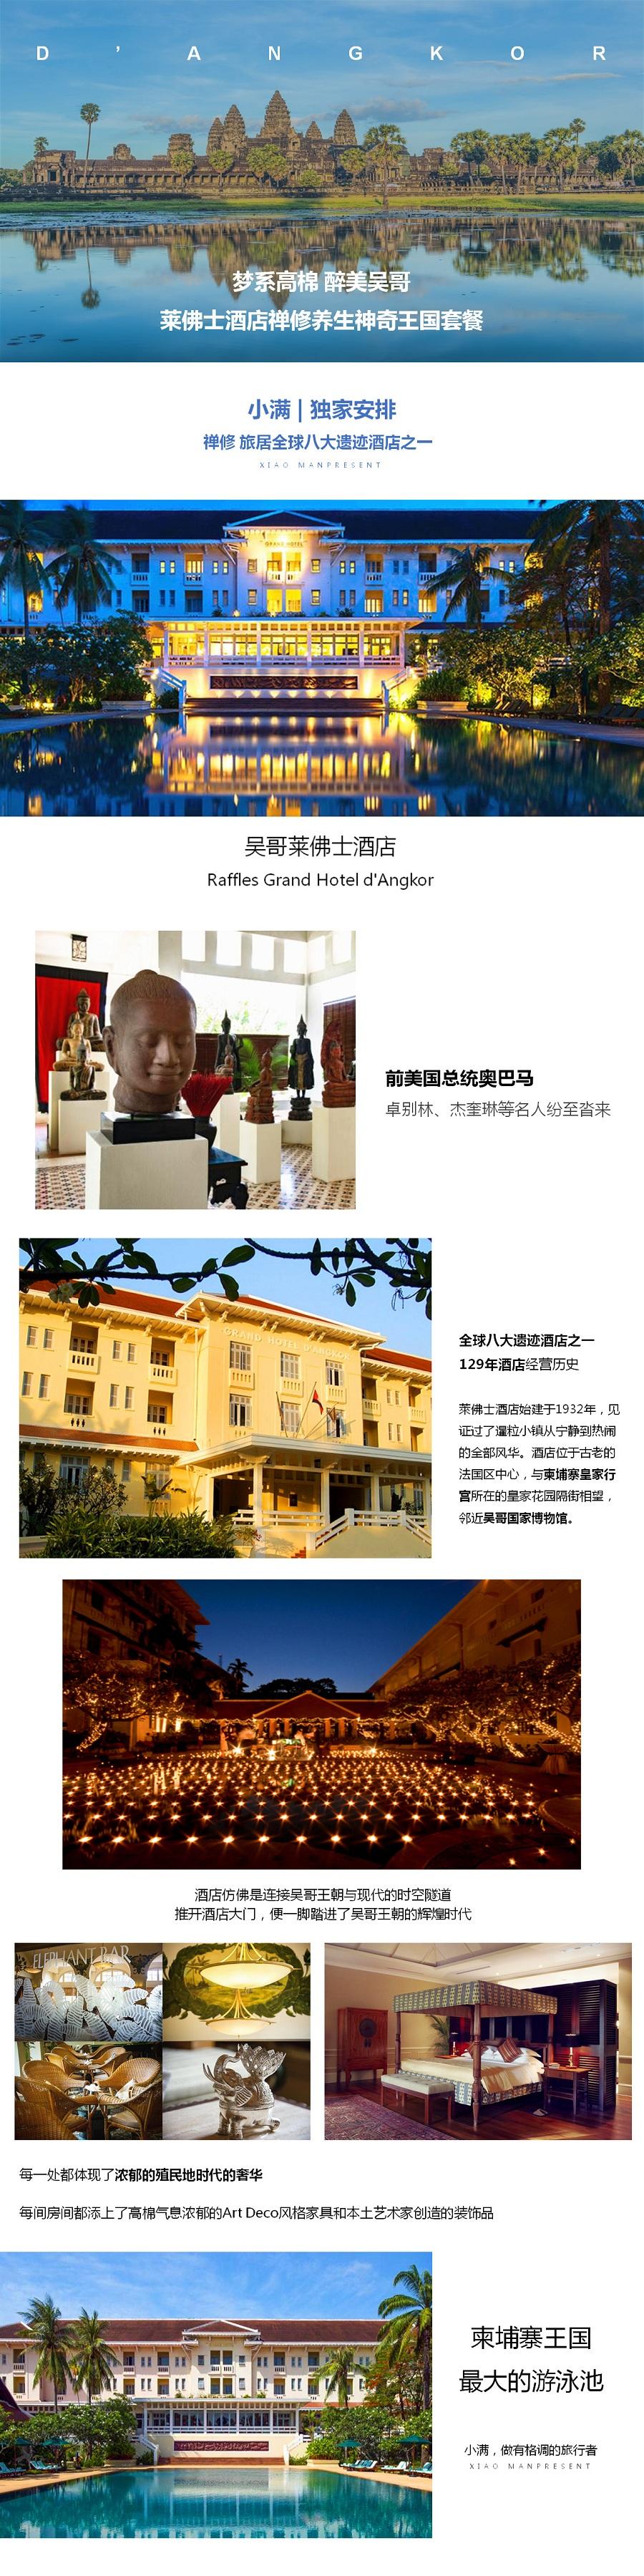 在千年古迹中领悟禅意:世界八大遗迹酒店·吴哥莱佛士酒店之旅